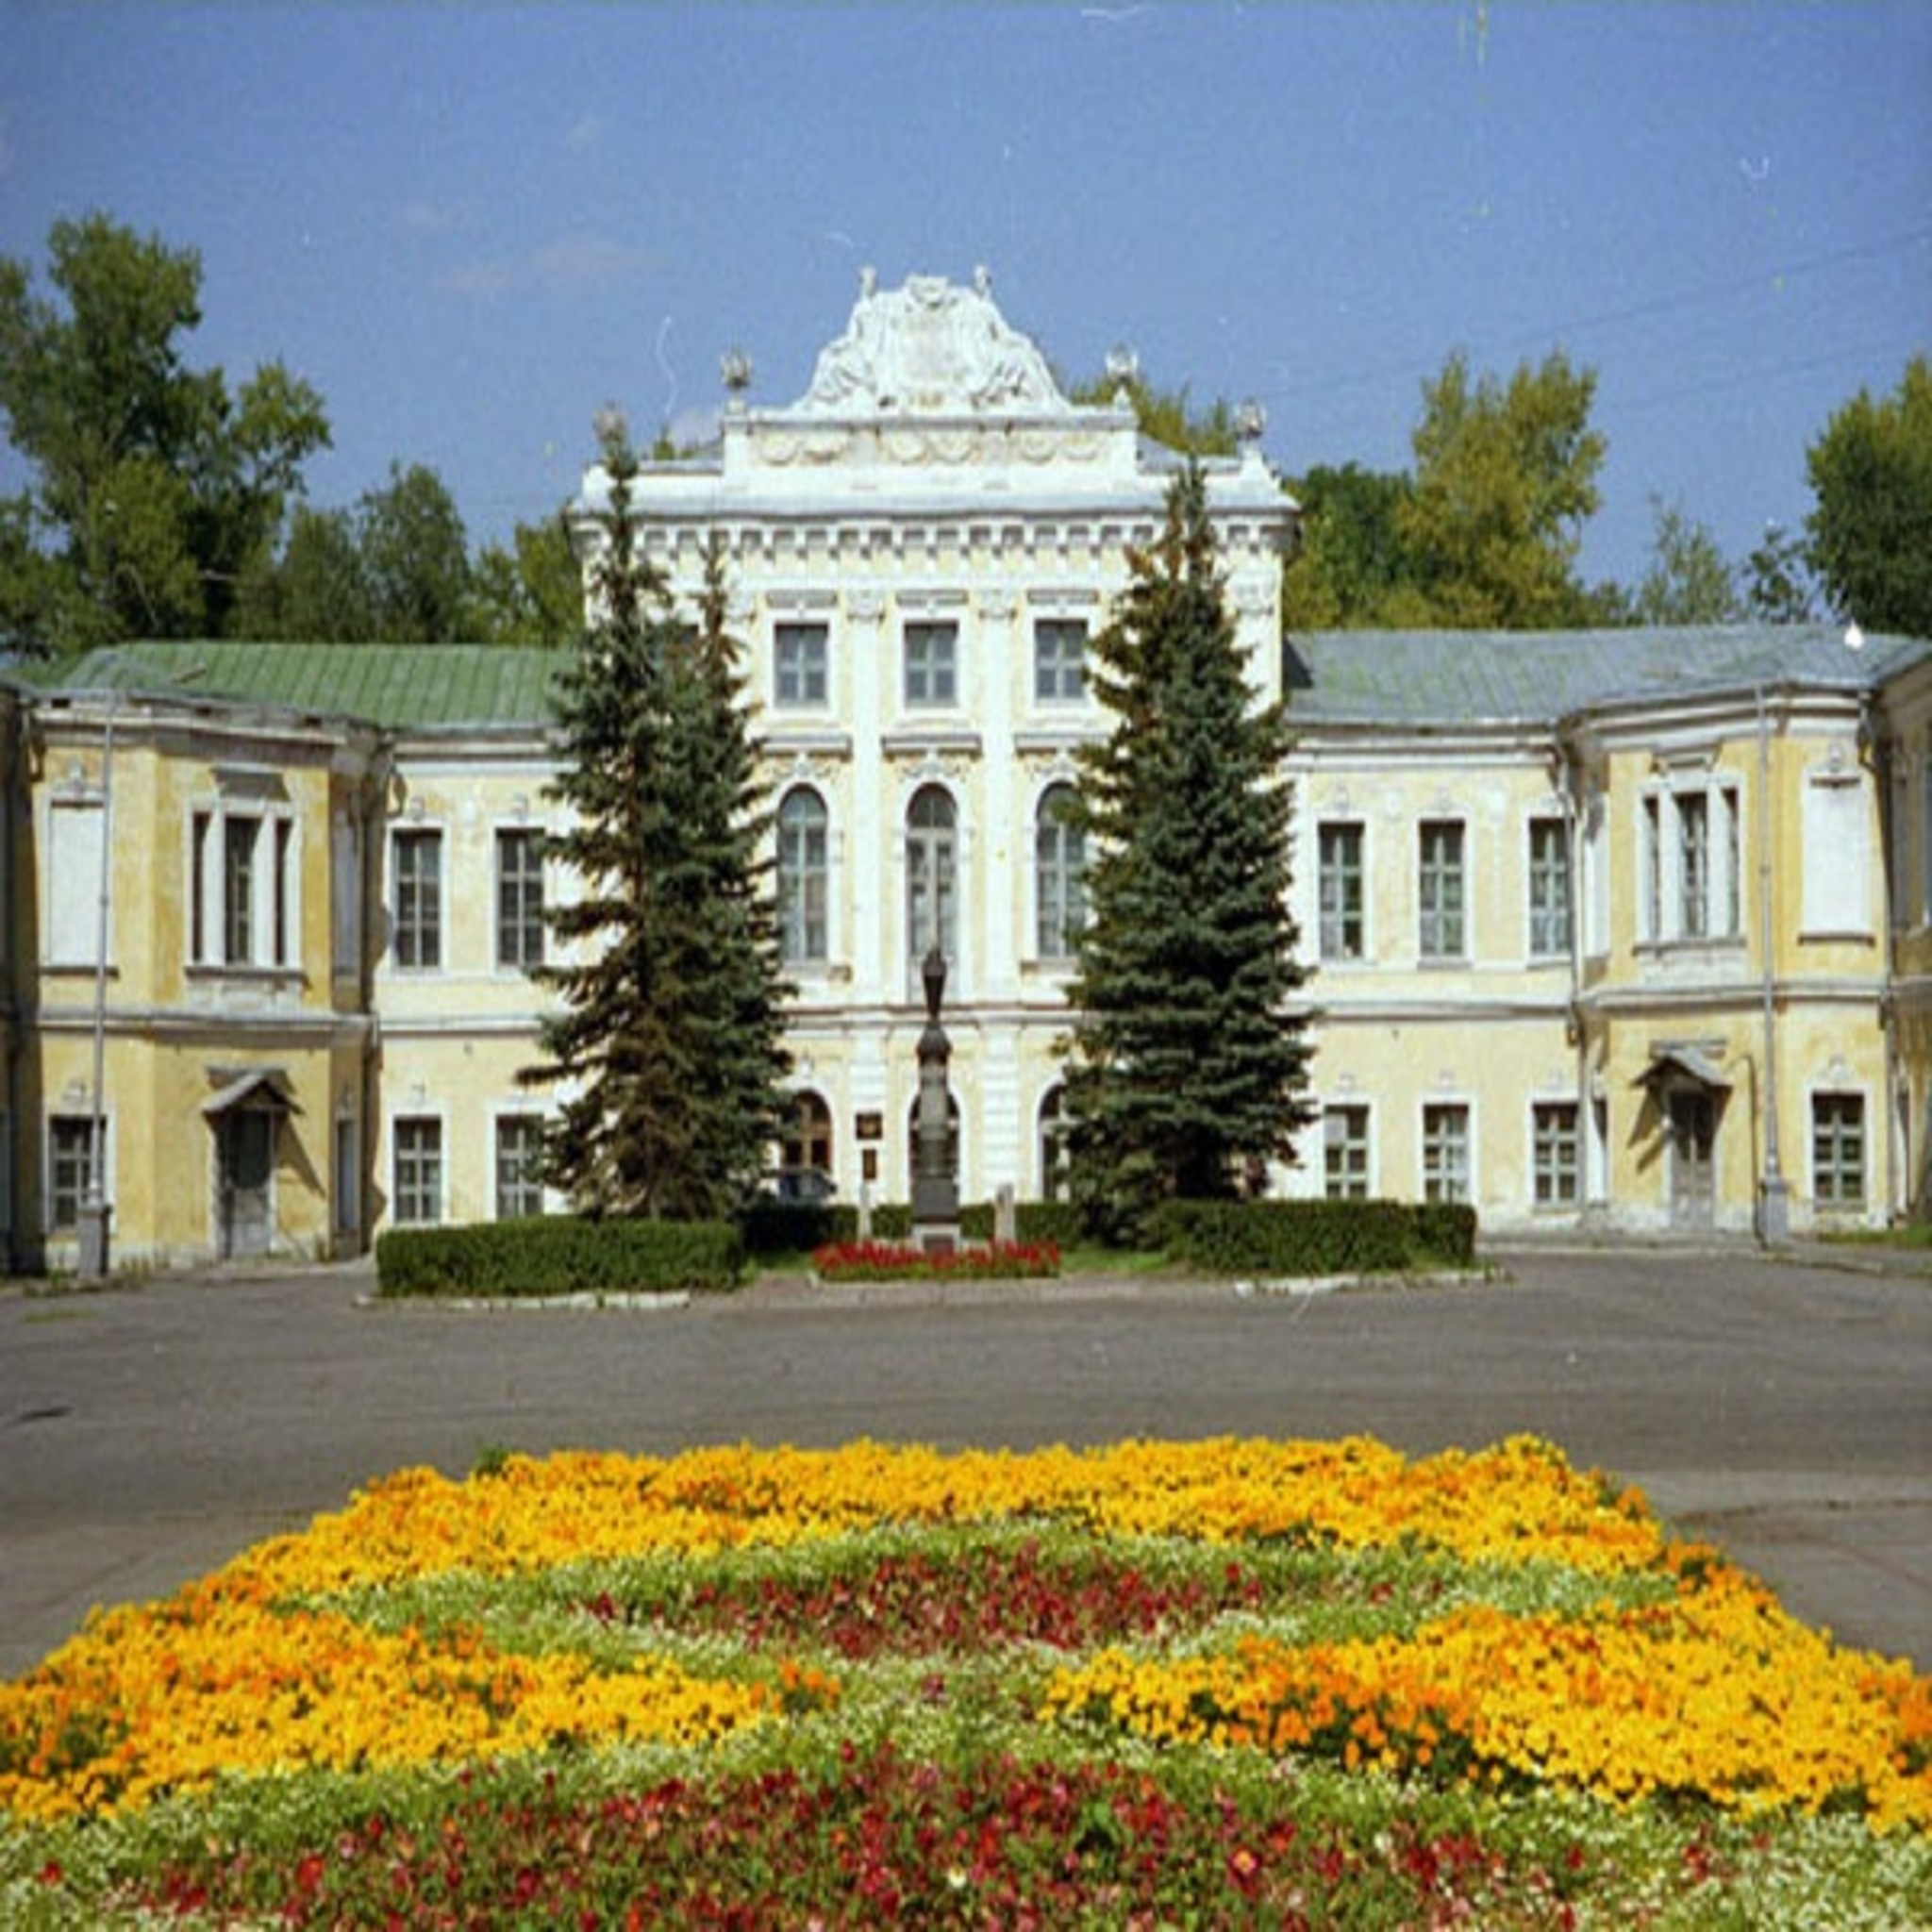 Tver Regional Art Gallery